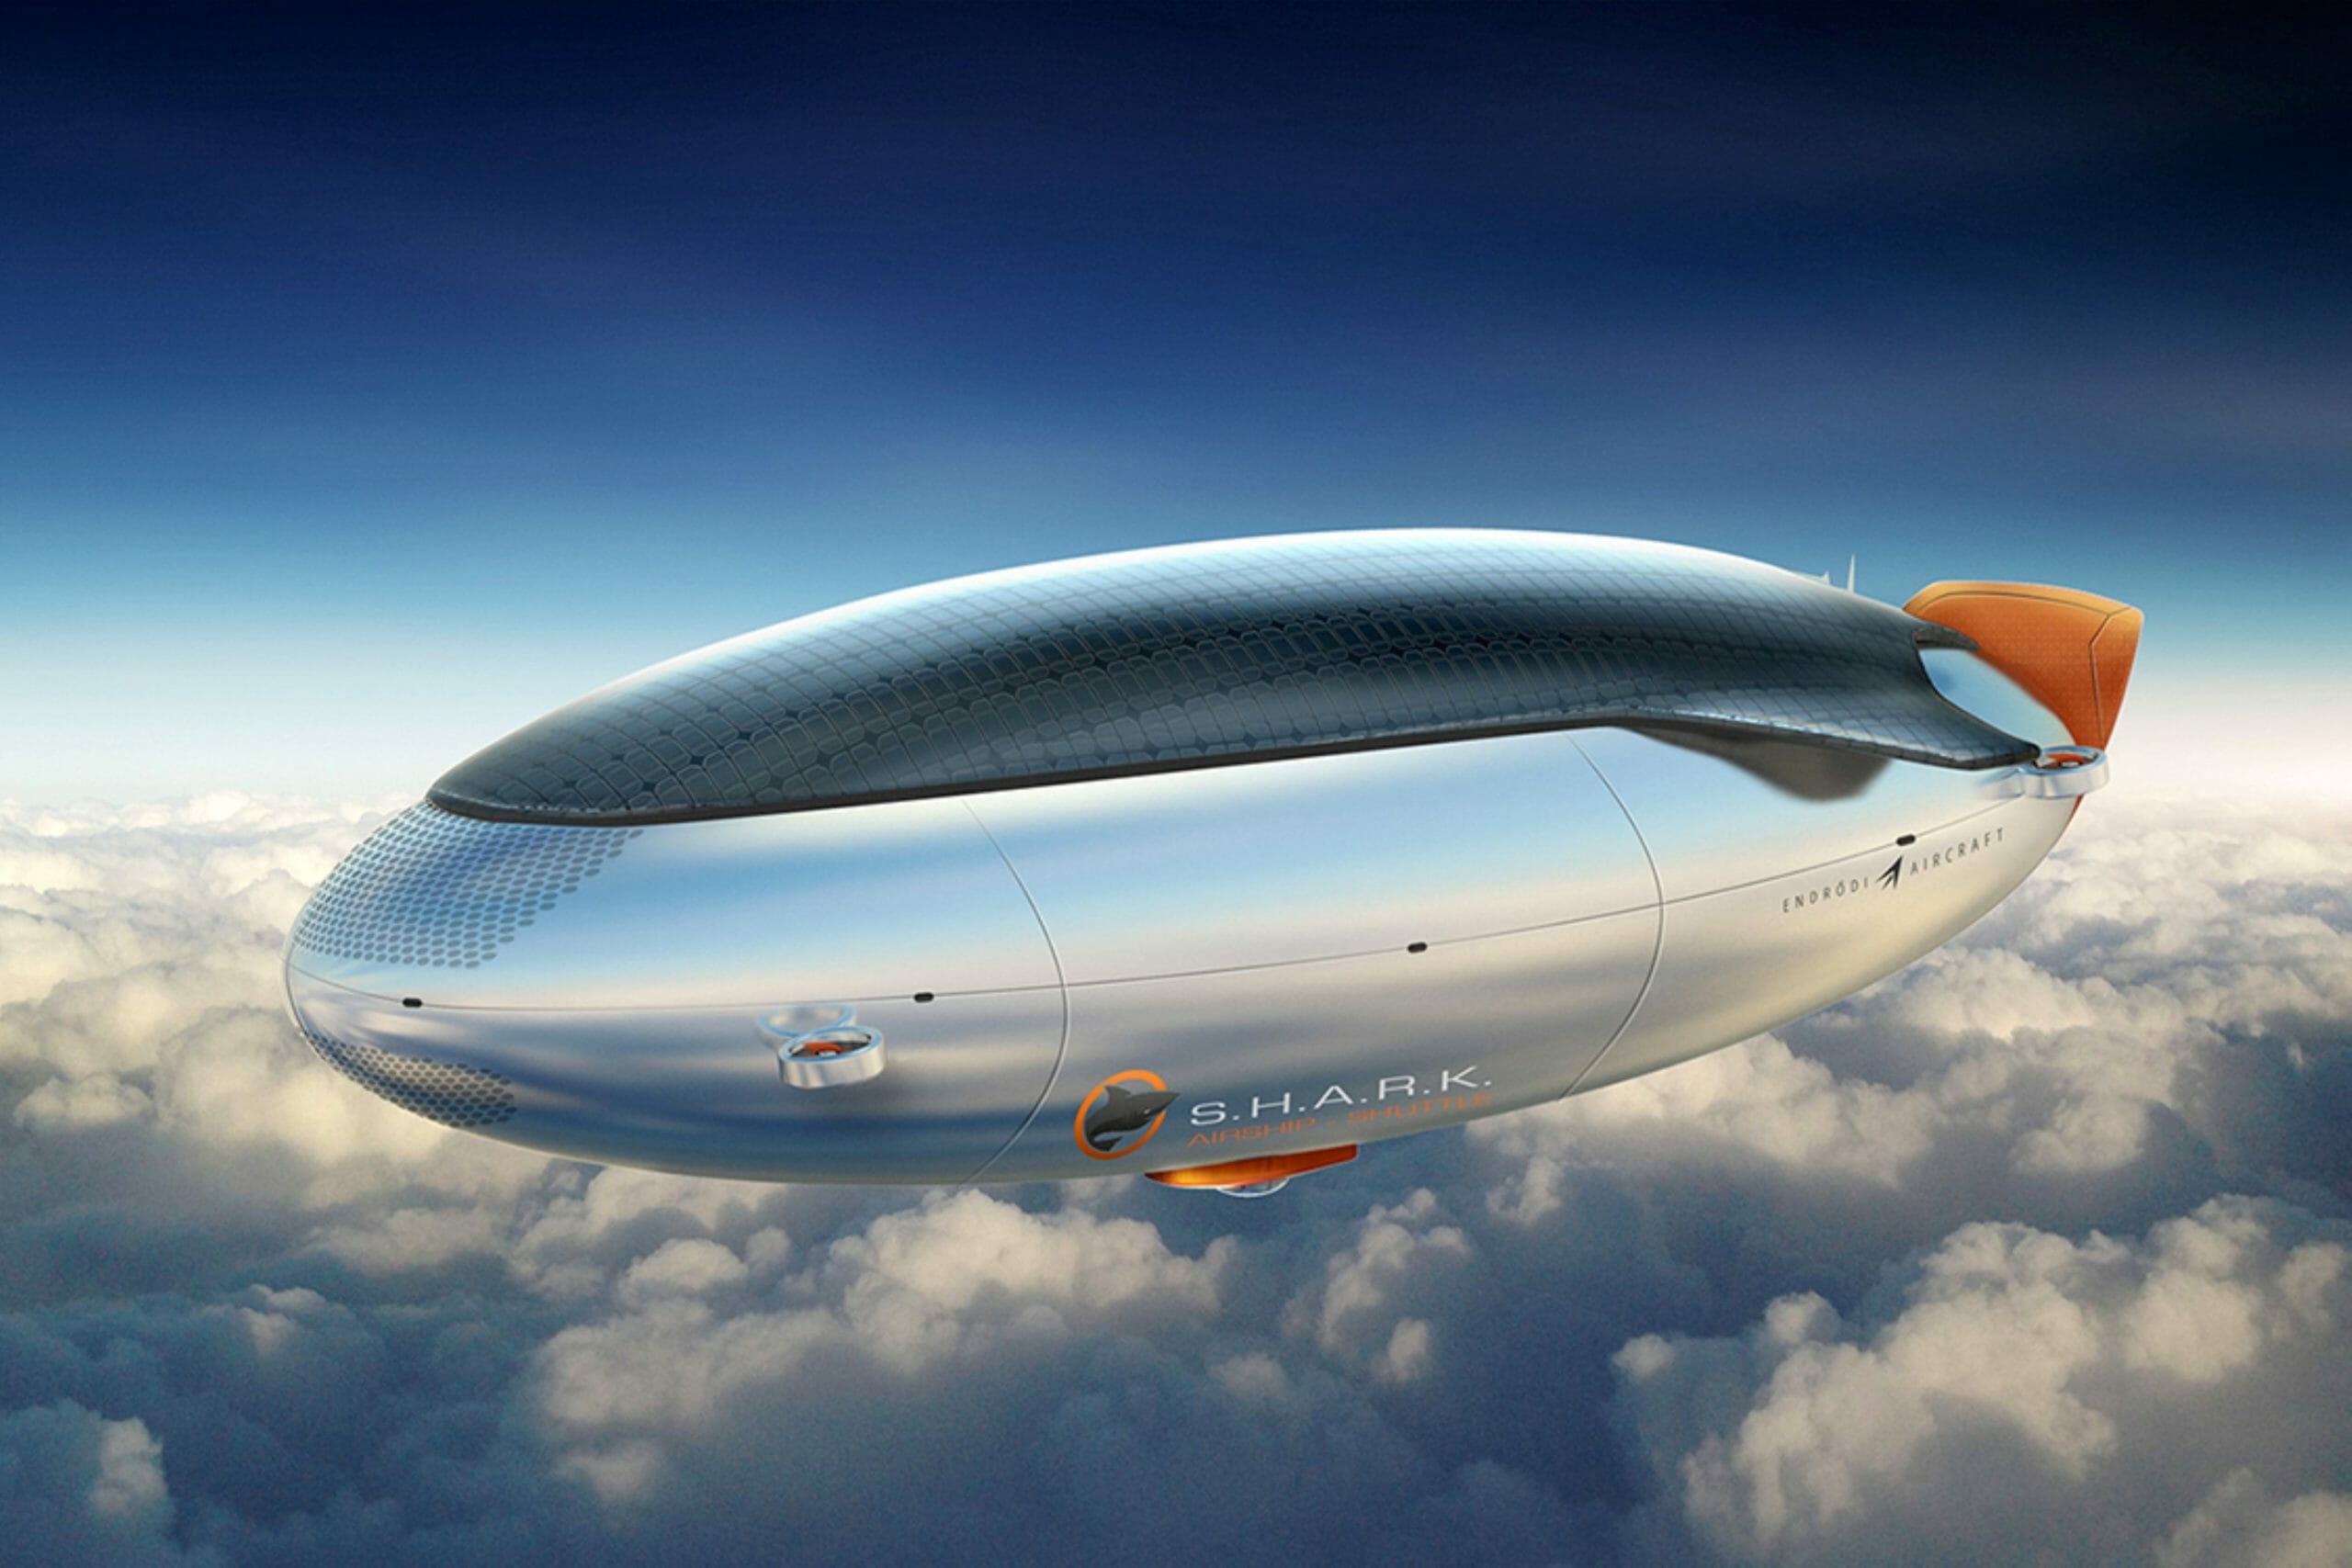 S.H.A.R.K. airship